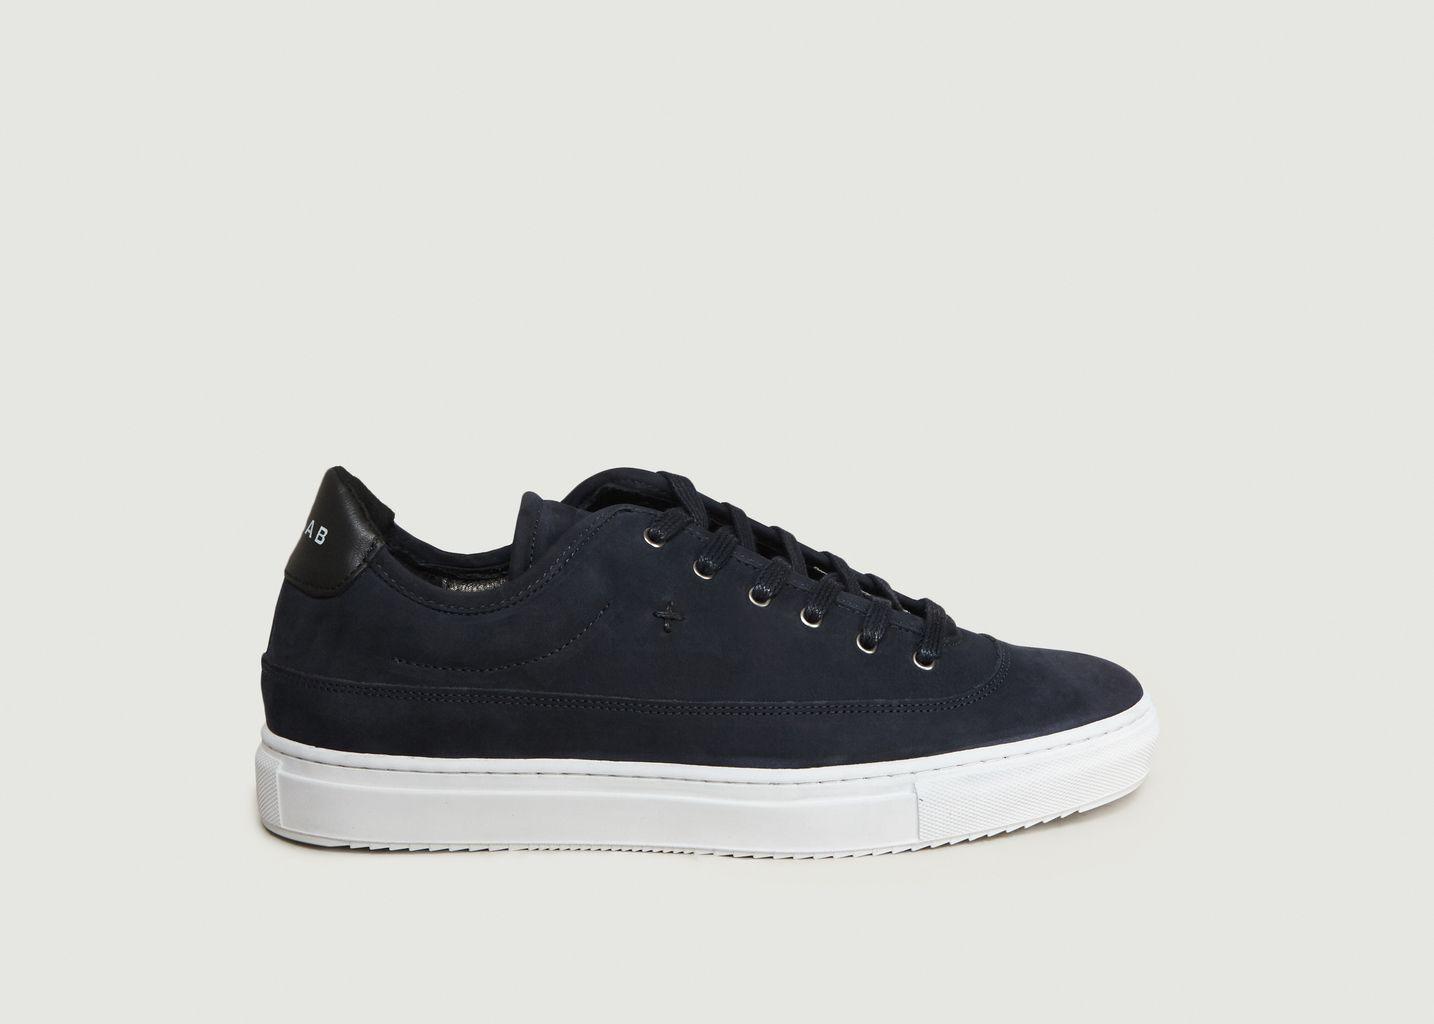 Sneakers NL01 en Nubuck - Newlab